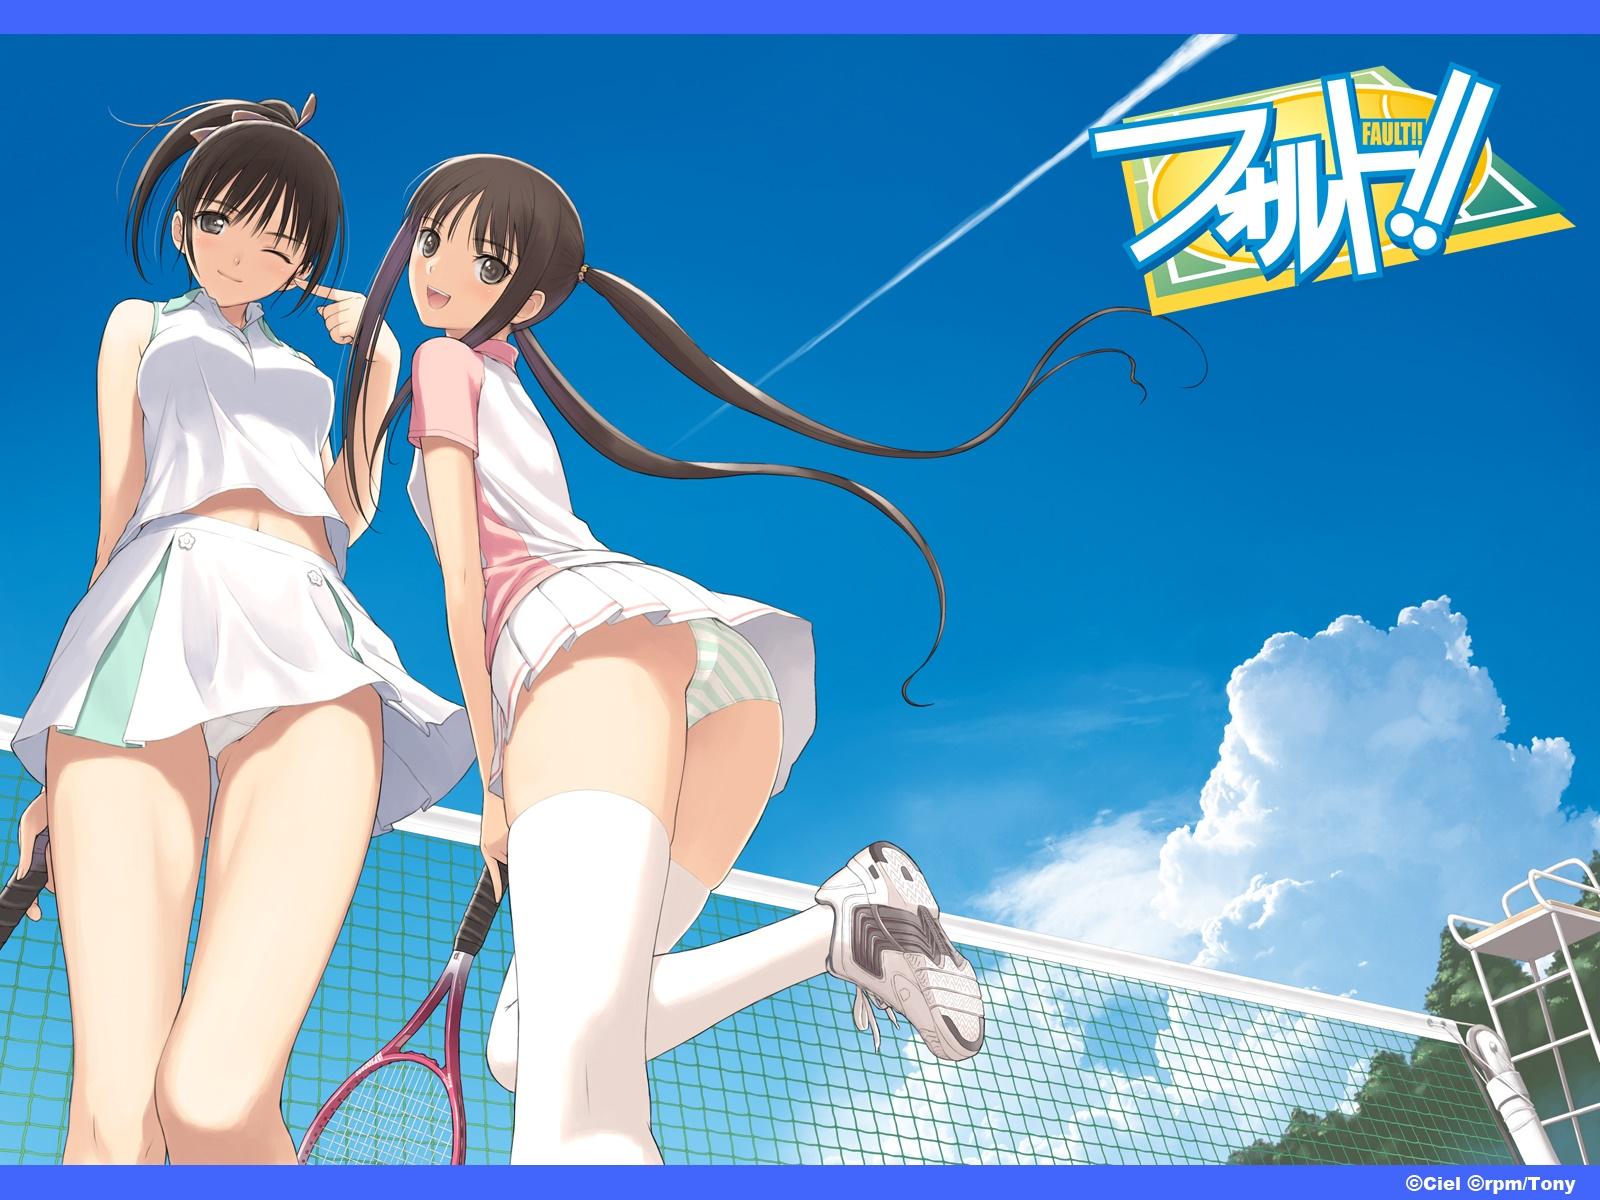 Хентай фото теннис 20 фотография